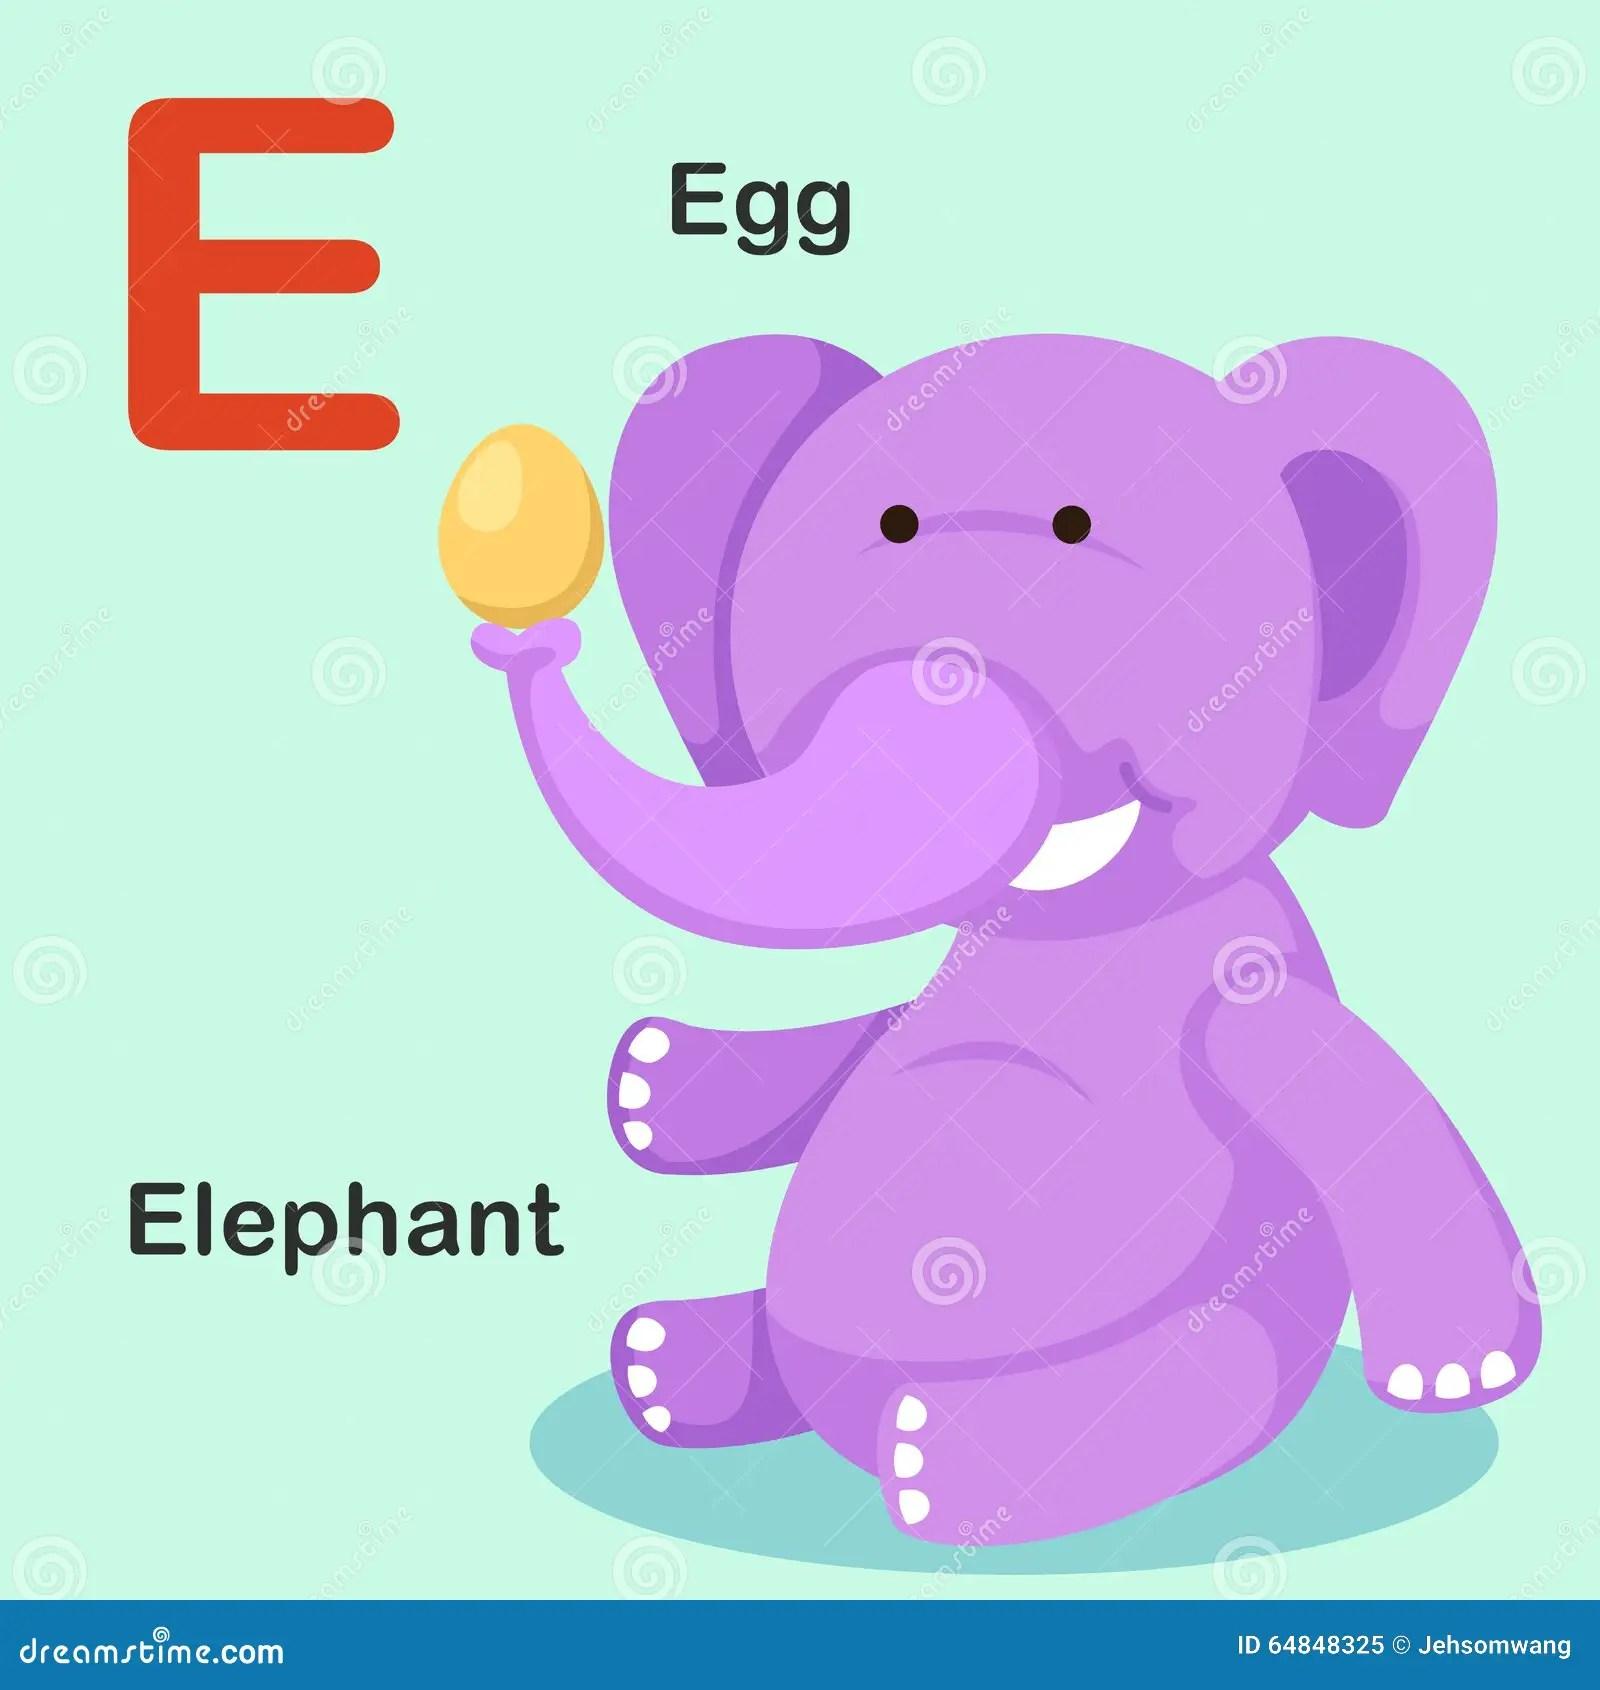 Illustration Isolated Animal Alphabet Letter E Egg